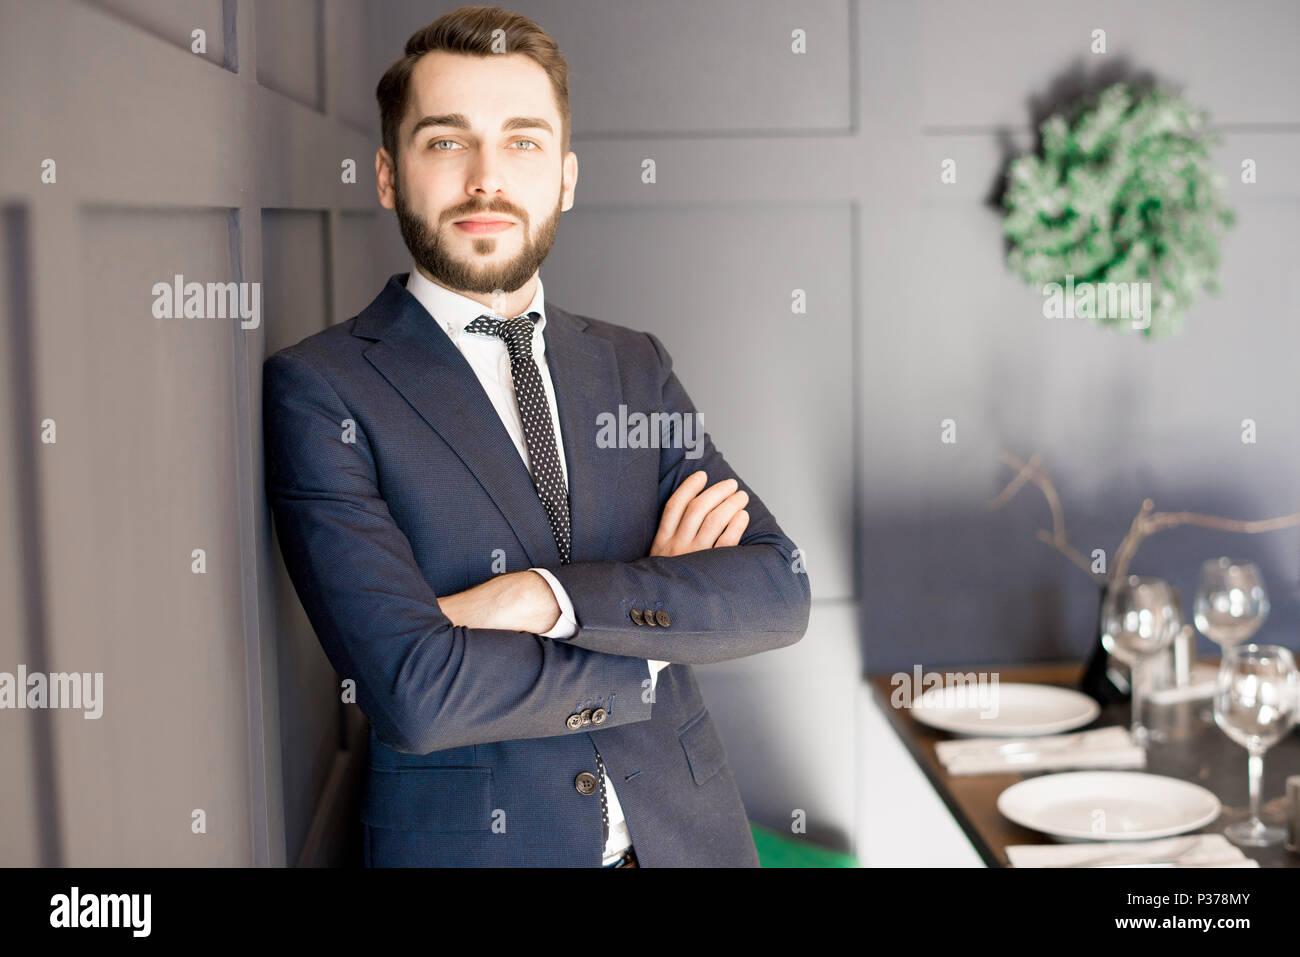 Gezielte gut aussehender Geschäftsmann in Anzug Stockfoto